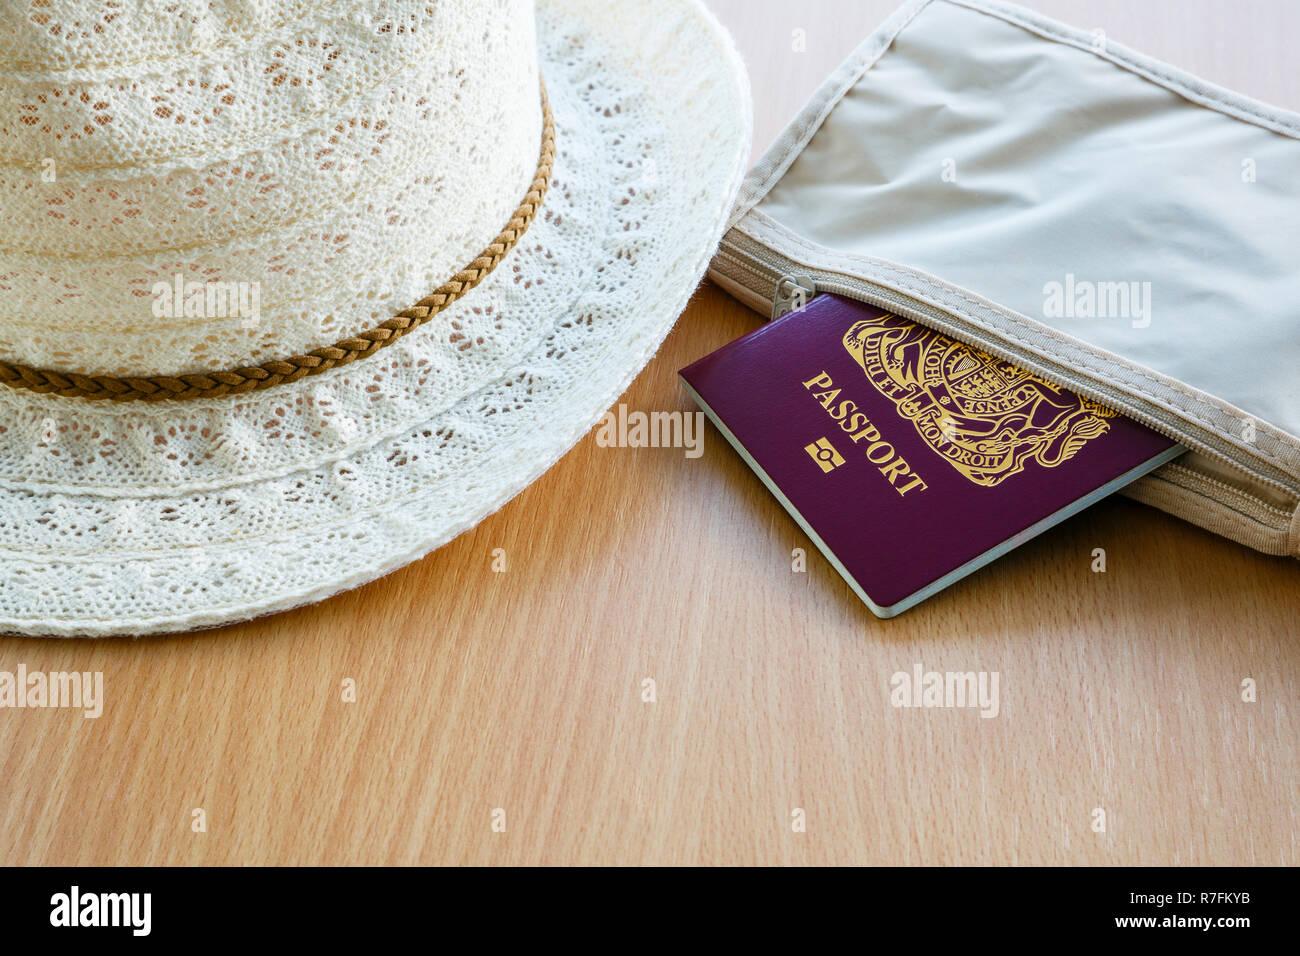 Les choses pour se rendre à l'étranger passeport biométrique britannique dans un portefeuille avec chapeau de femme sur une table. En Angleterre, Royaume-Uni, Angleterre Photo Stock